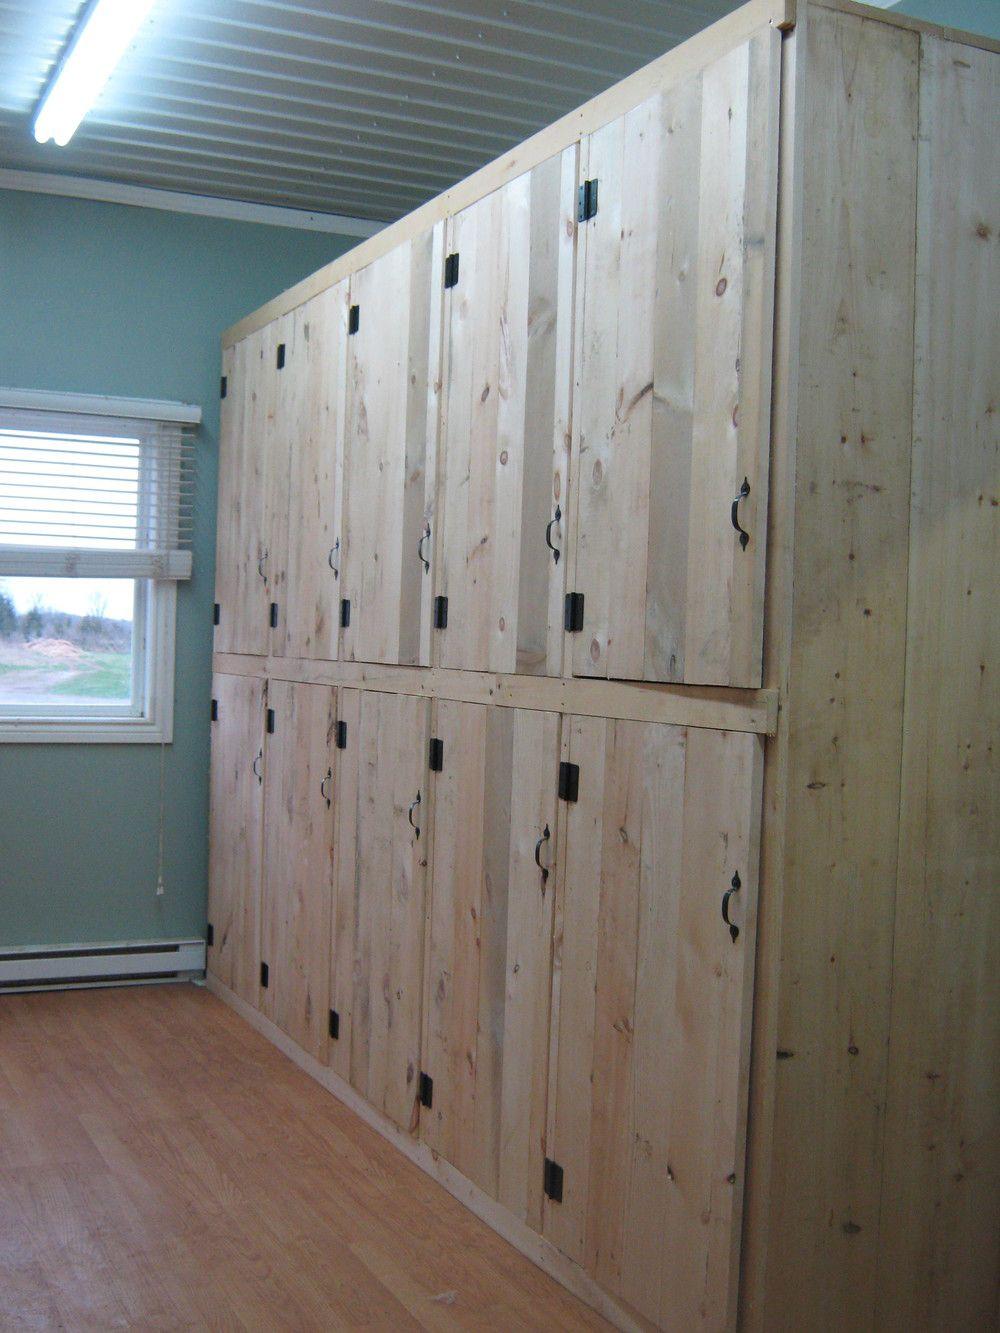 Tack Room Lockers Tack Room Horse Tack Rooms Tack Locker